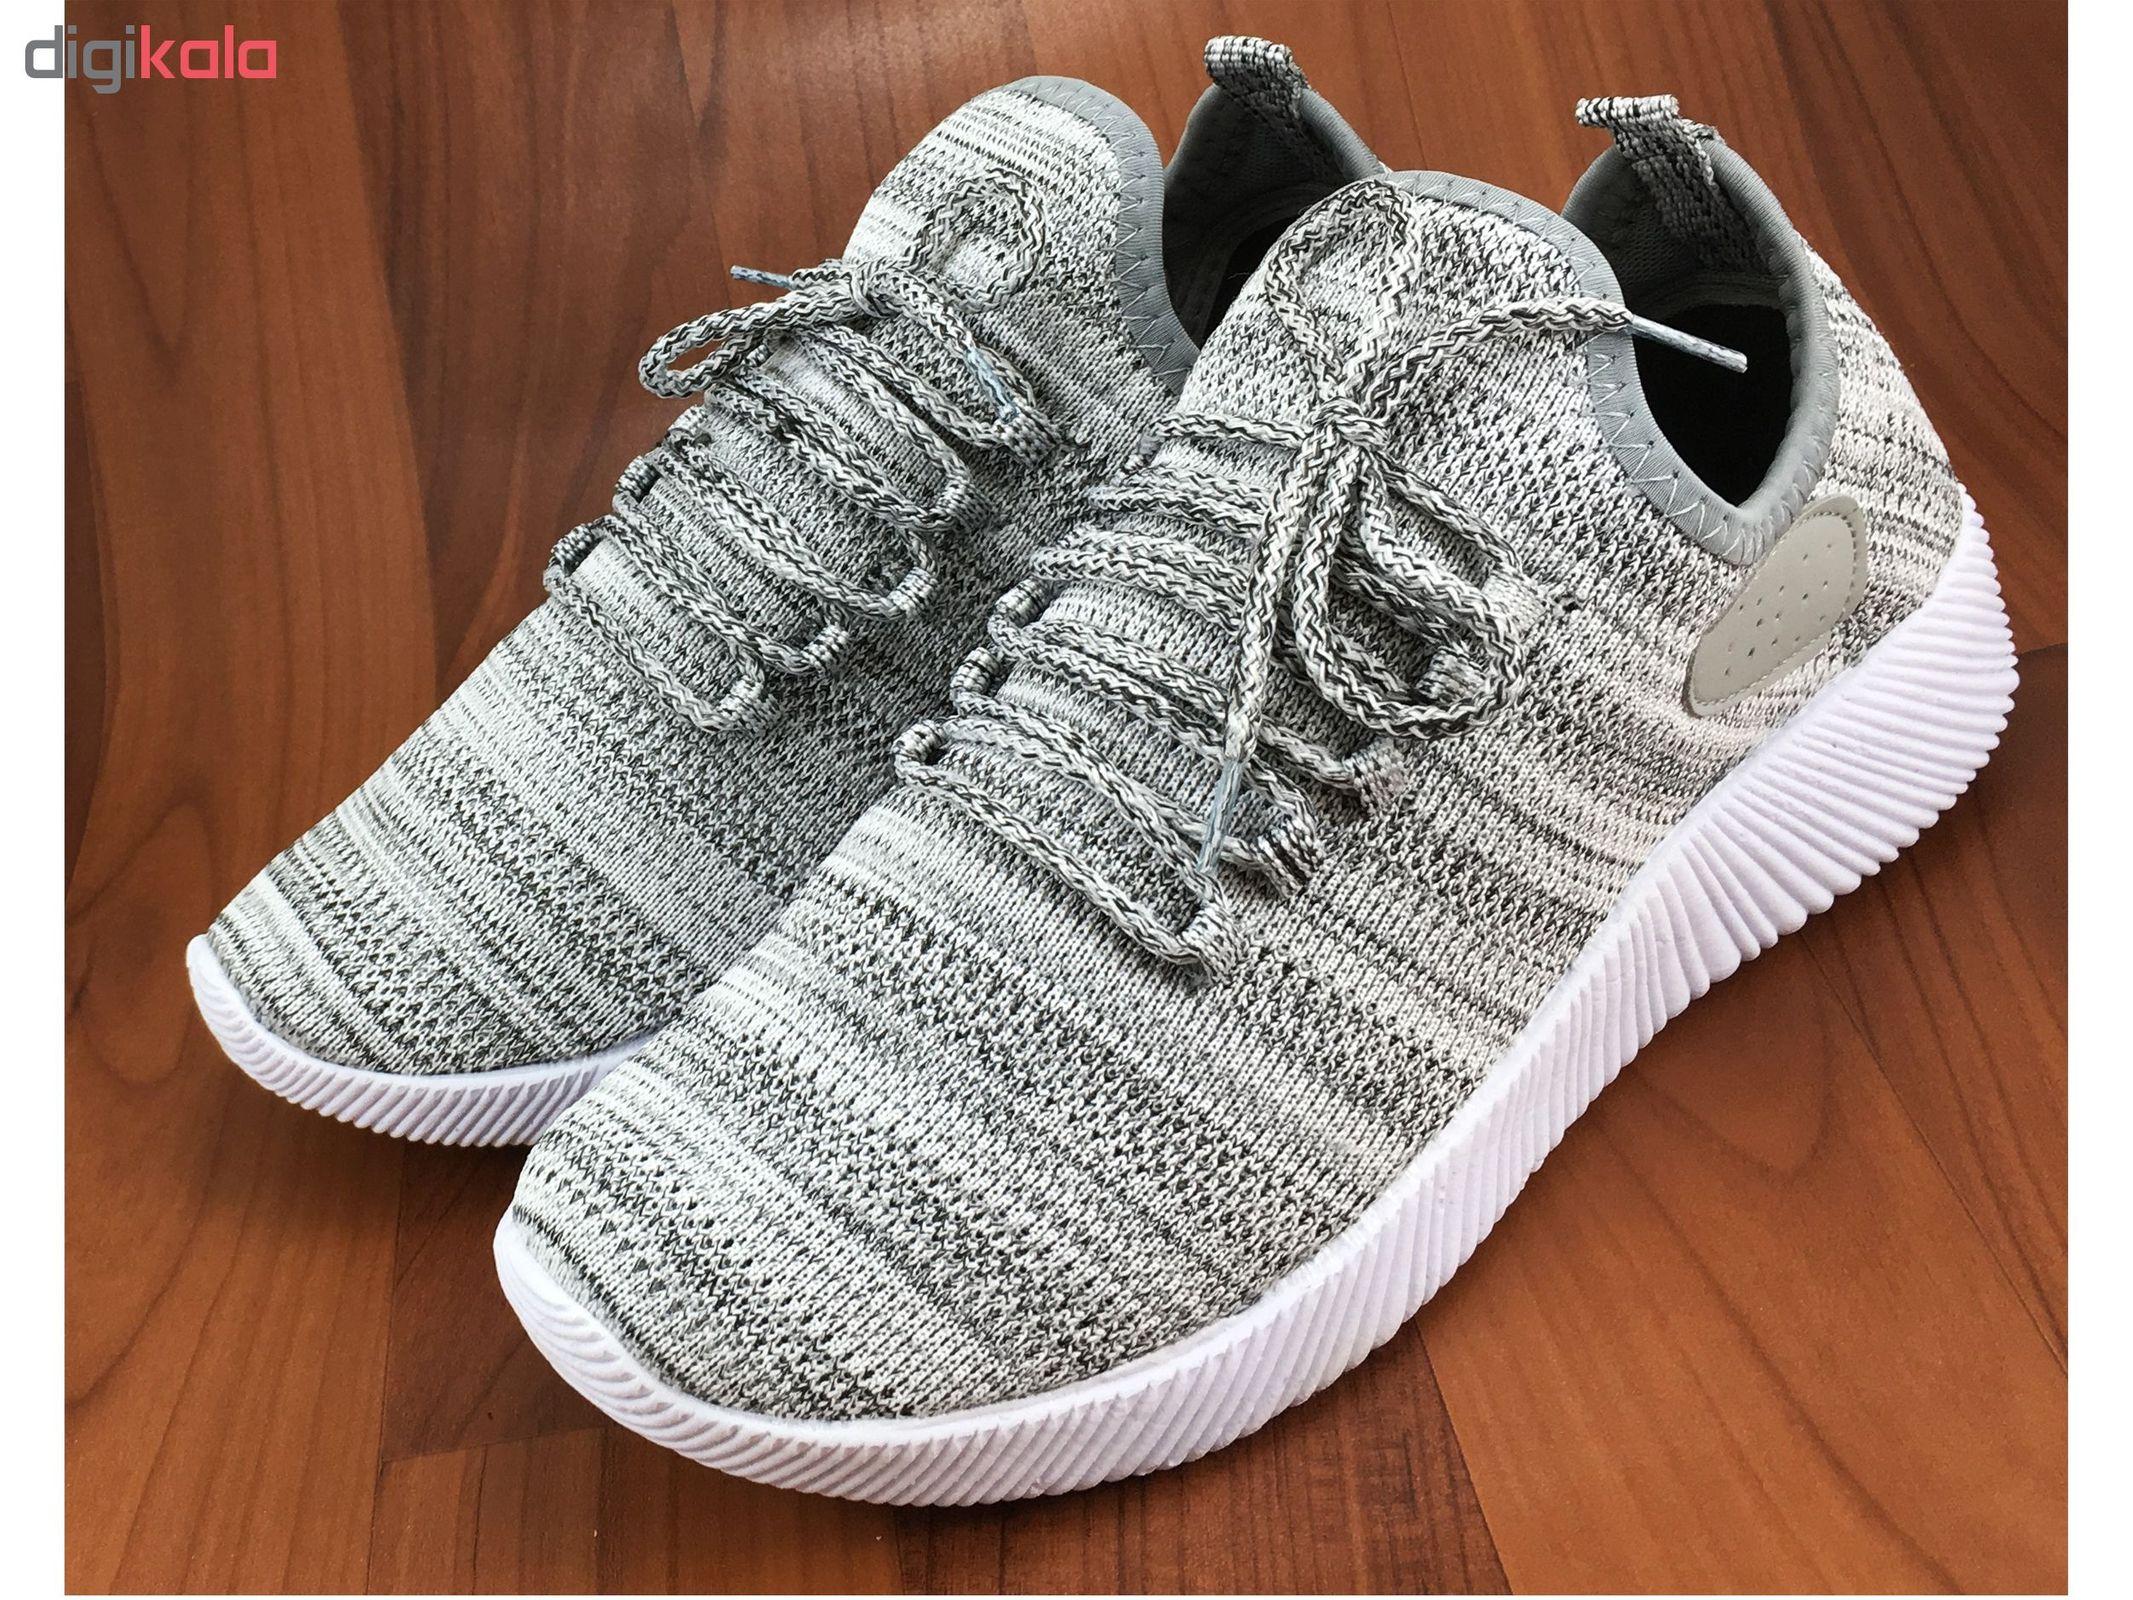 کفش مخصوص دویدن مردانه مدل اسکای کد 4105 main 1 4